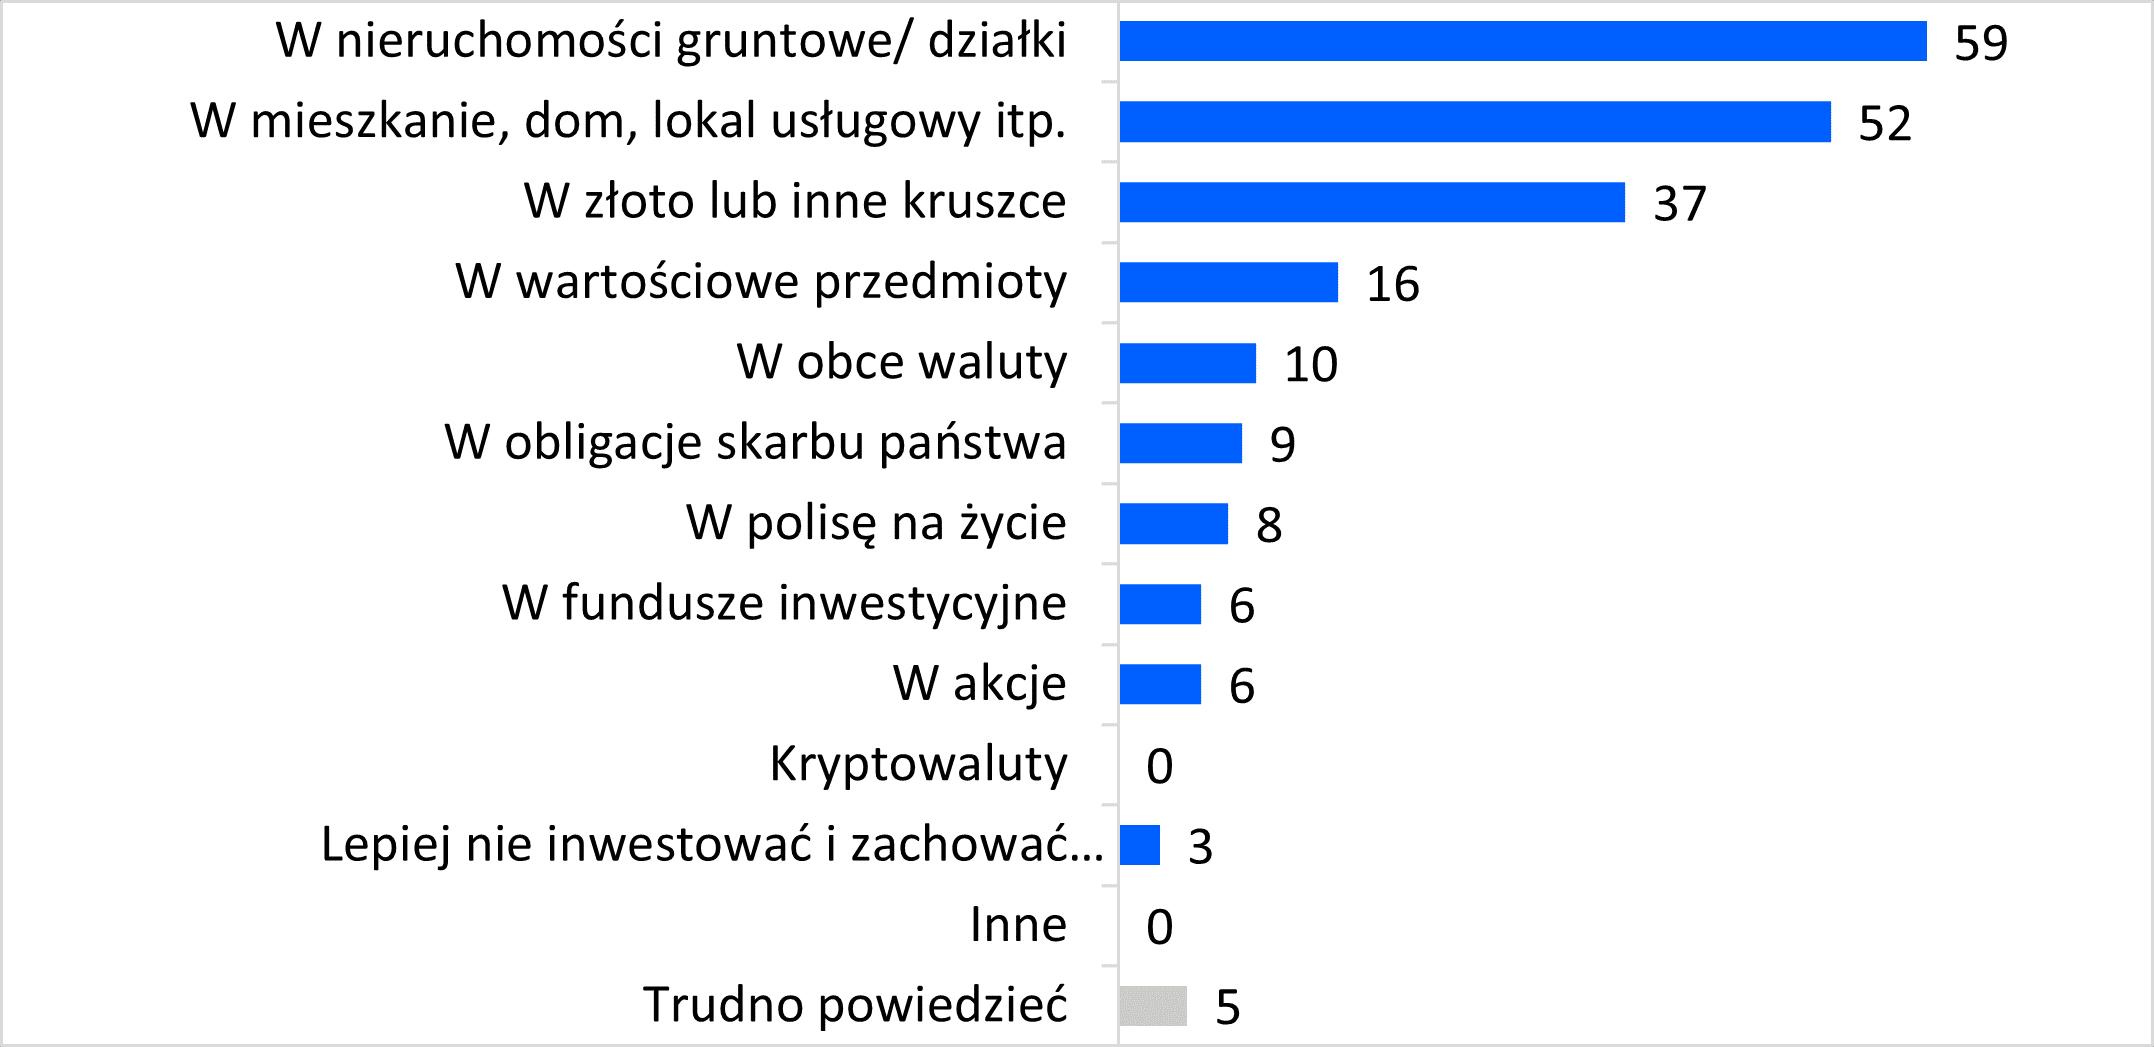 Inwestowanie – najlepsze opcje według Polaków